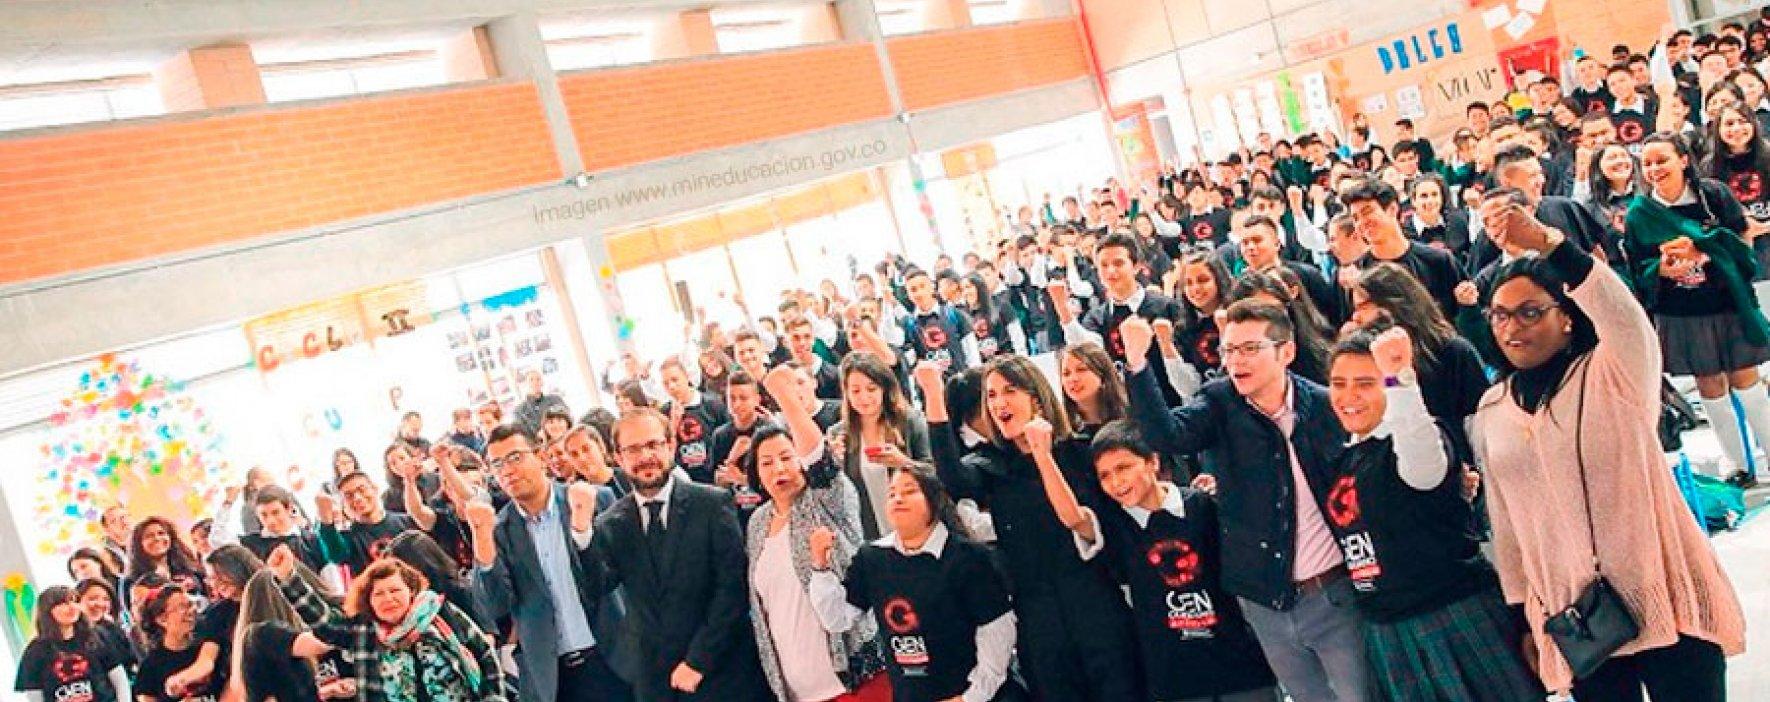 Nuestro Gran Maestro del Premio Compartir activó el Gen Ciudadano con el MinEducación